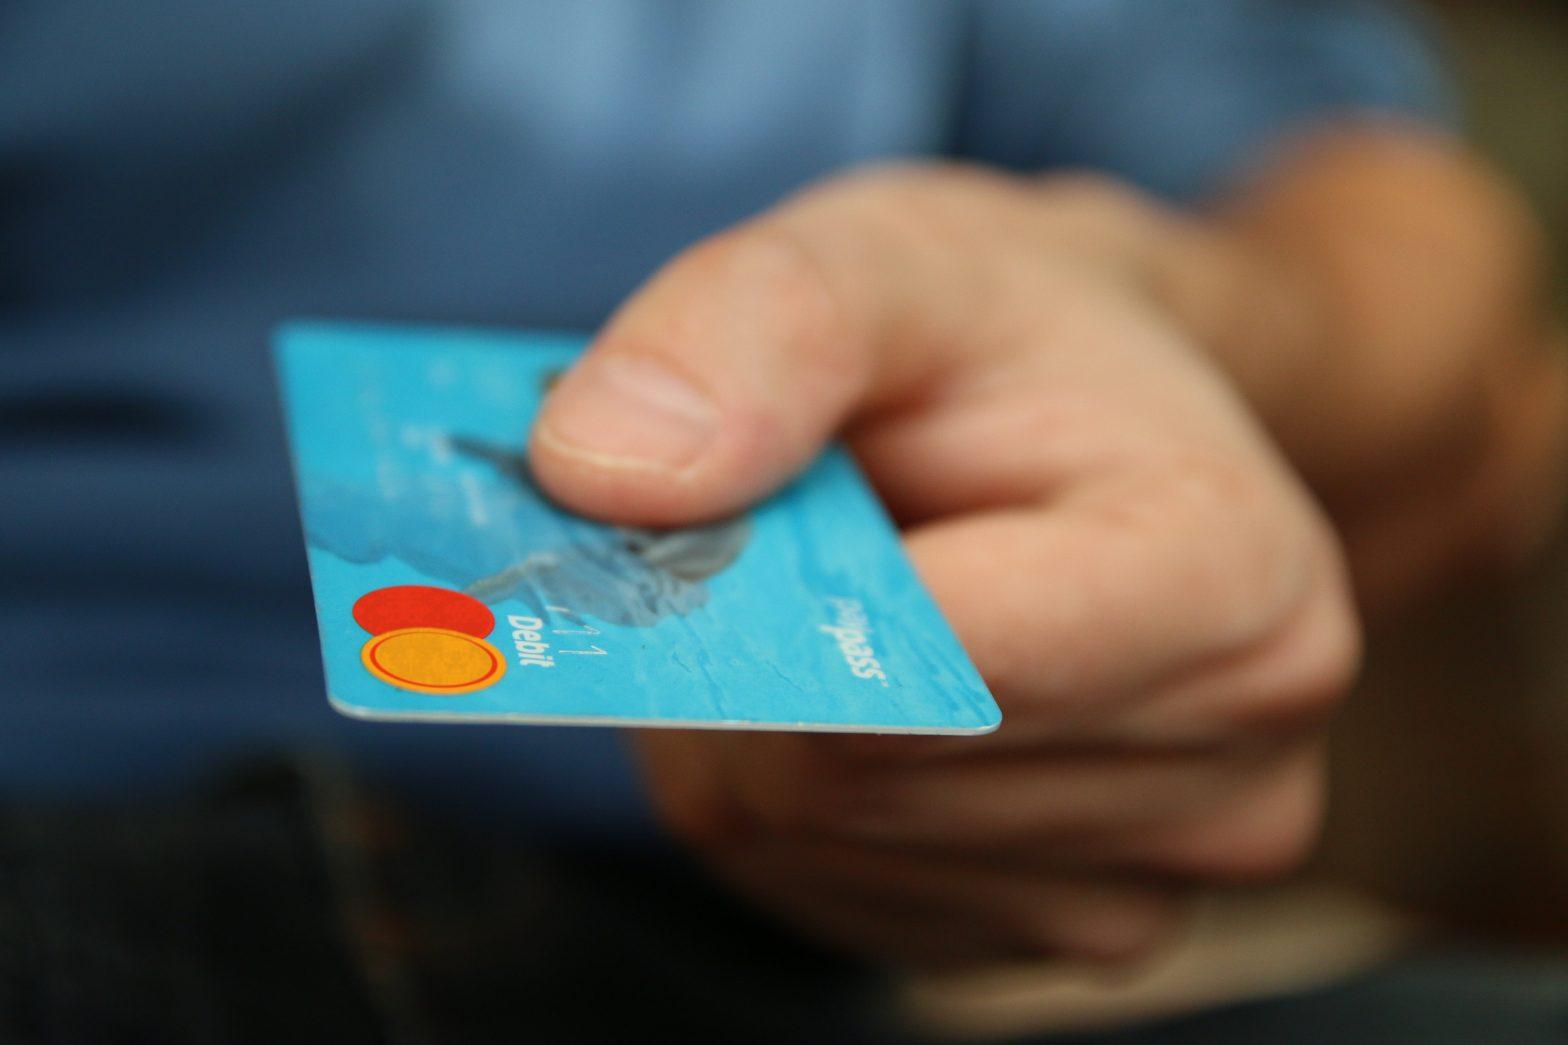 Snel van je schulden afkomen